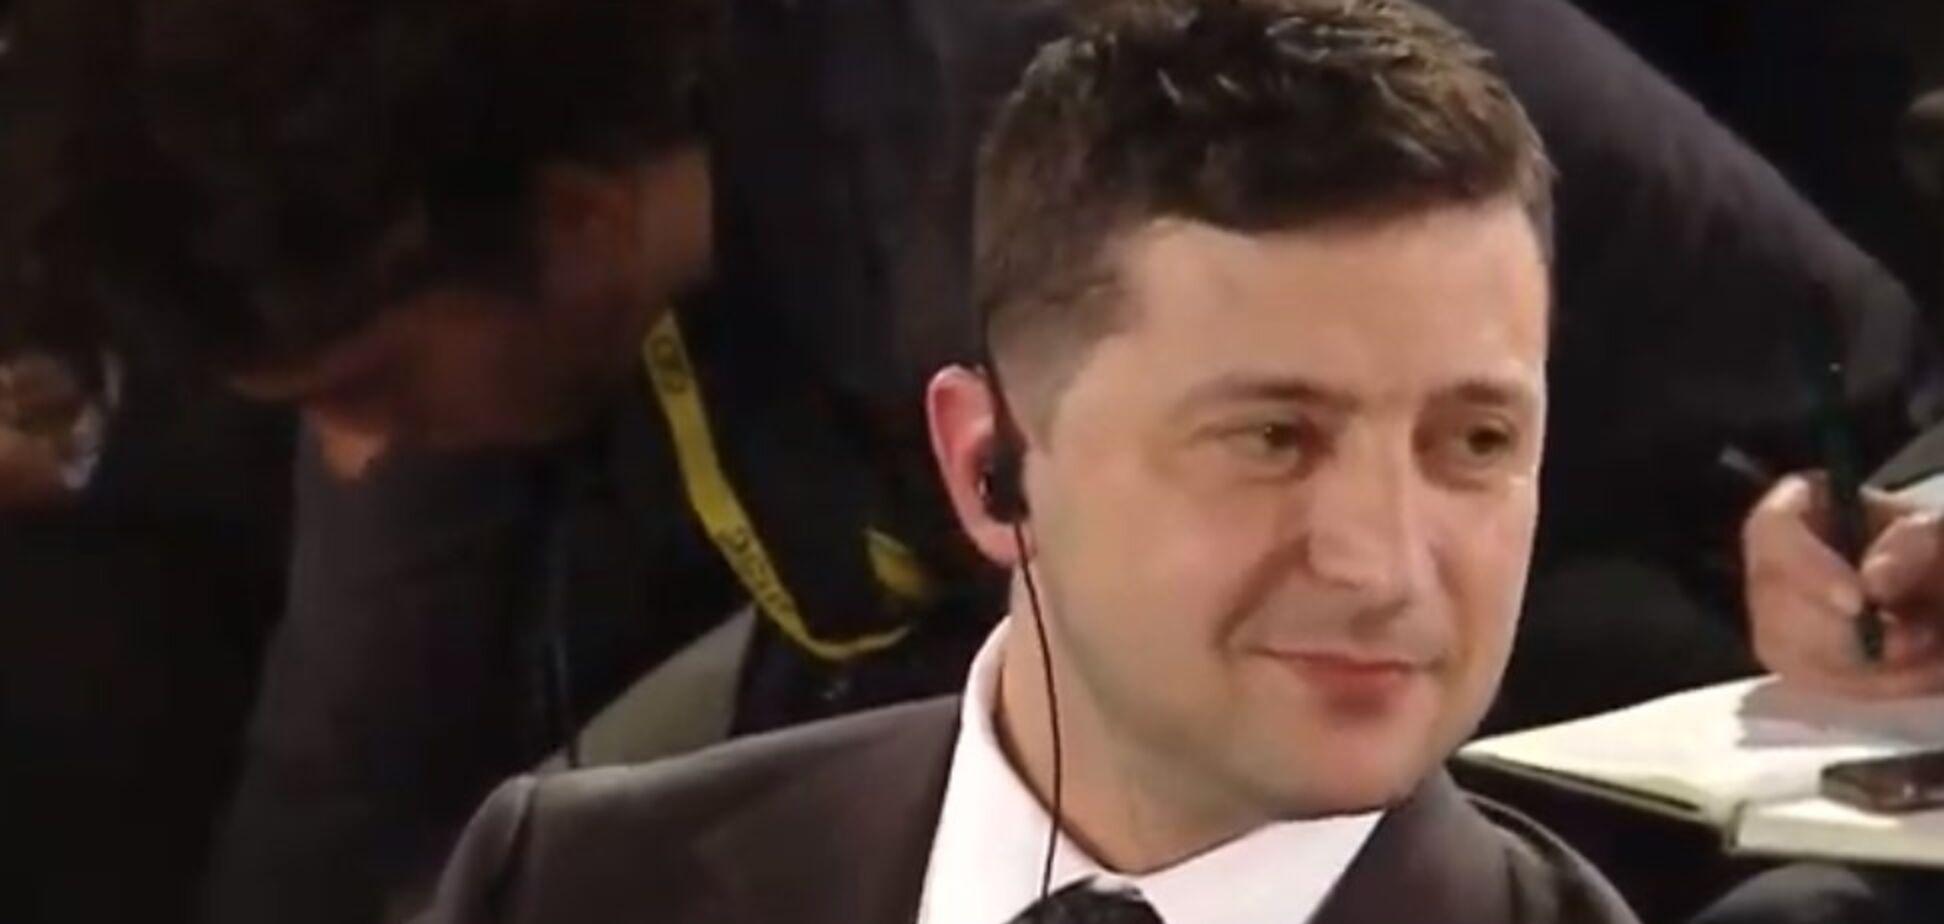 'У мене великі вуха': Зеленський осоромився в Мюнхені. Відео